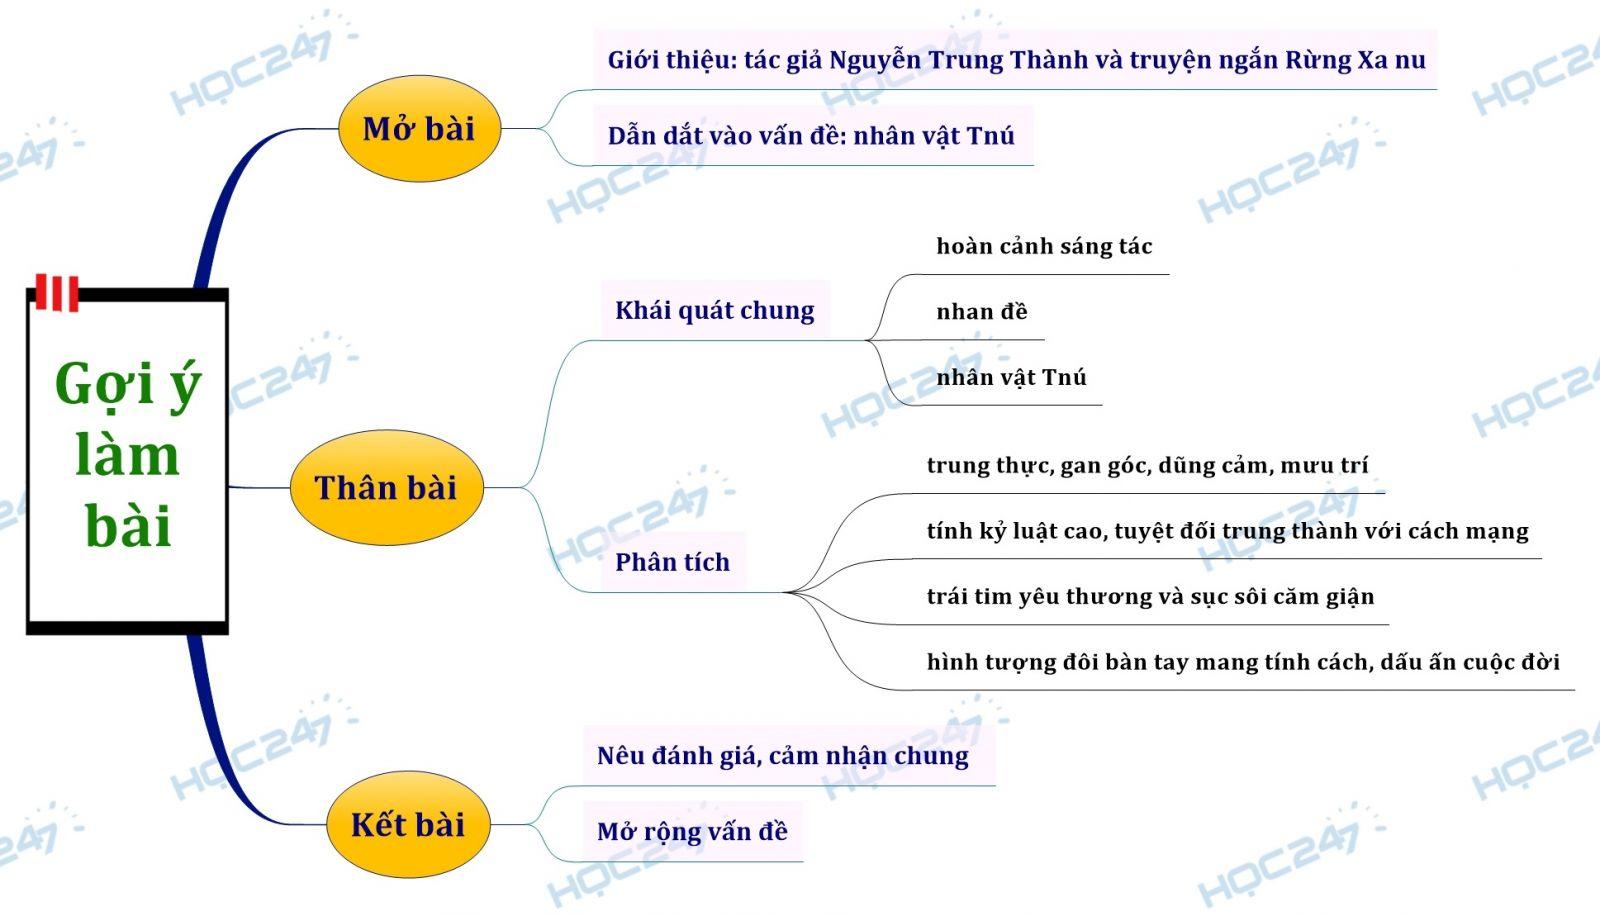 sơ đồ tư duy phân tích nhân vật Tnú trong Rừng xà nu của Nguyễn Trung Thành